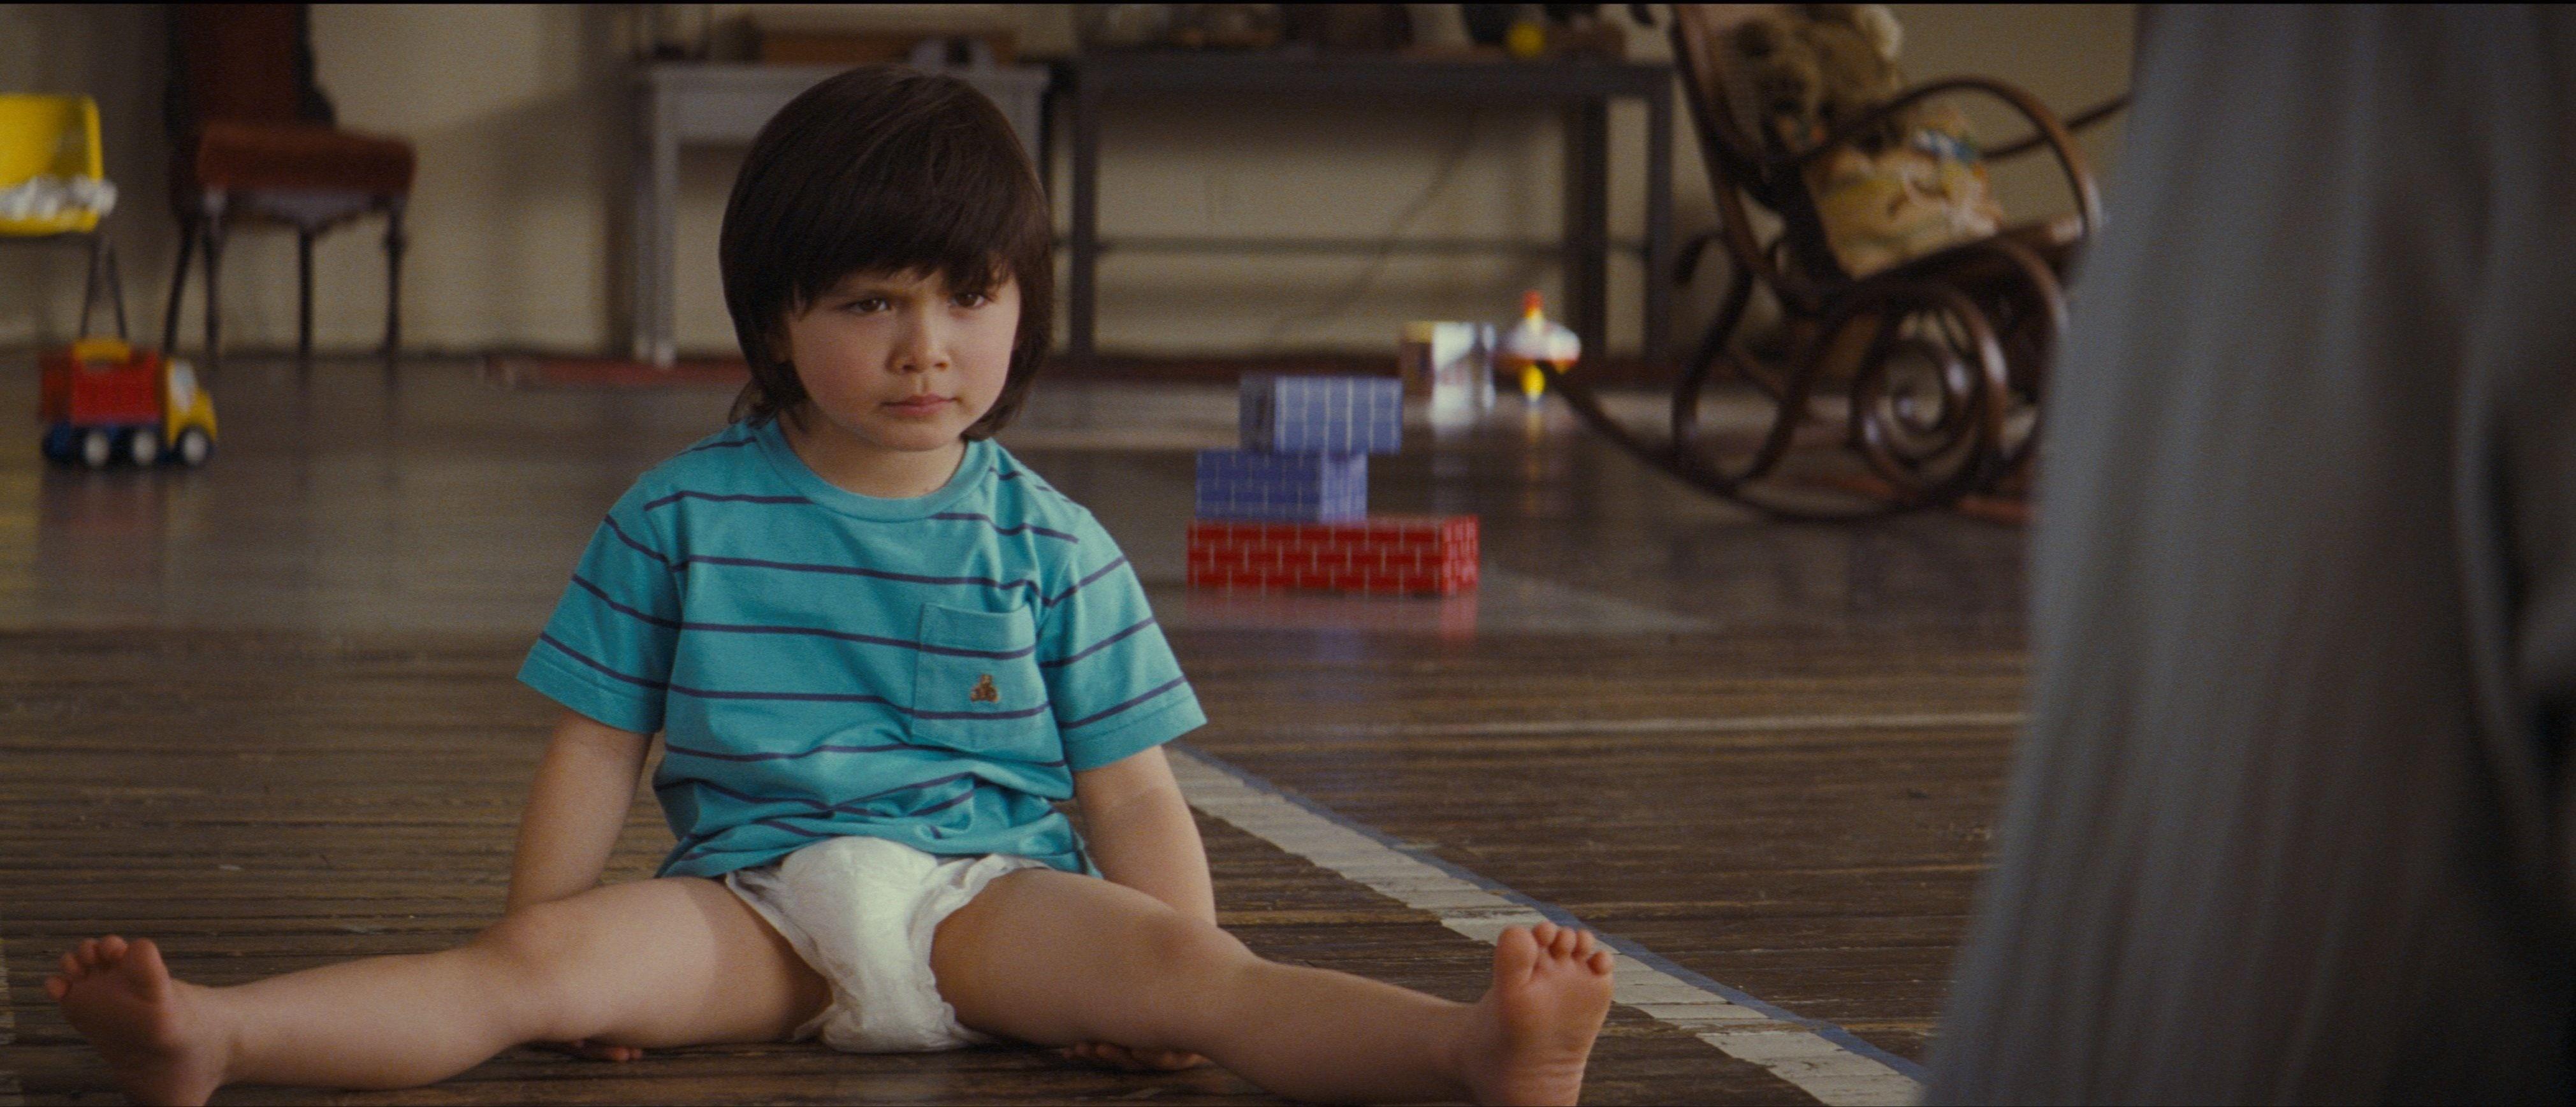 «Мальчикам нельзя, да и ножки колесом будут»: 5 «мамских» мифов о подгузниках